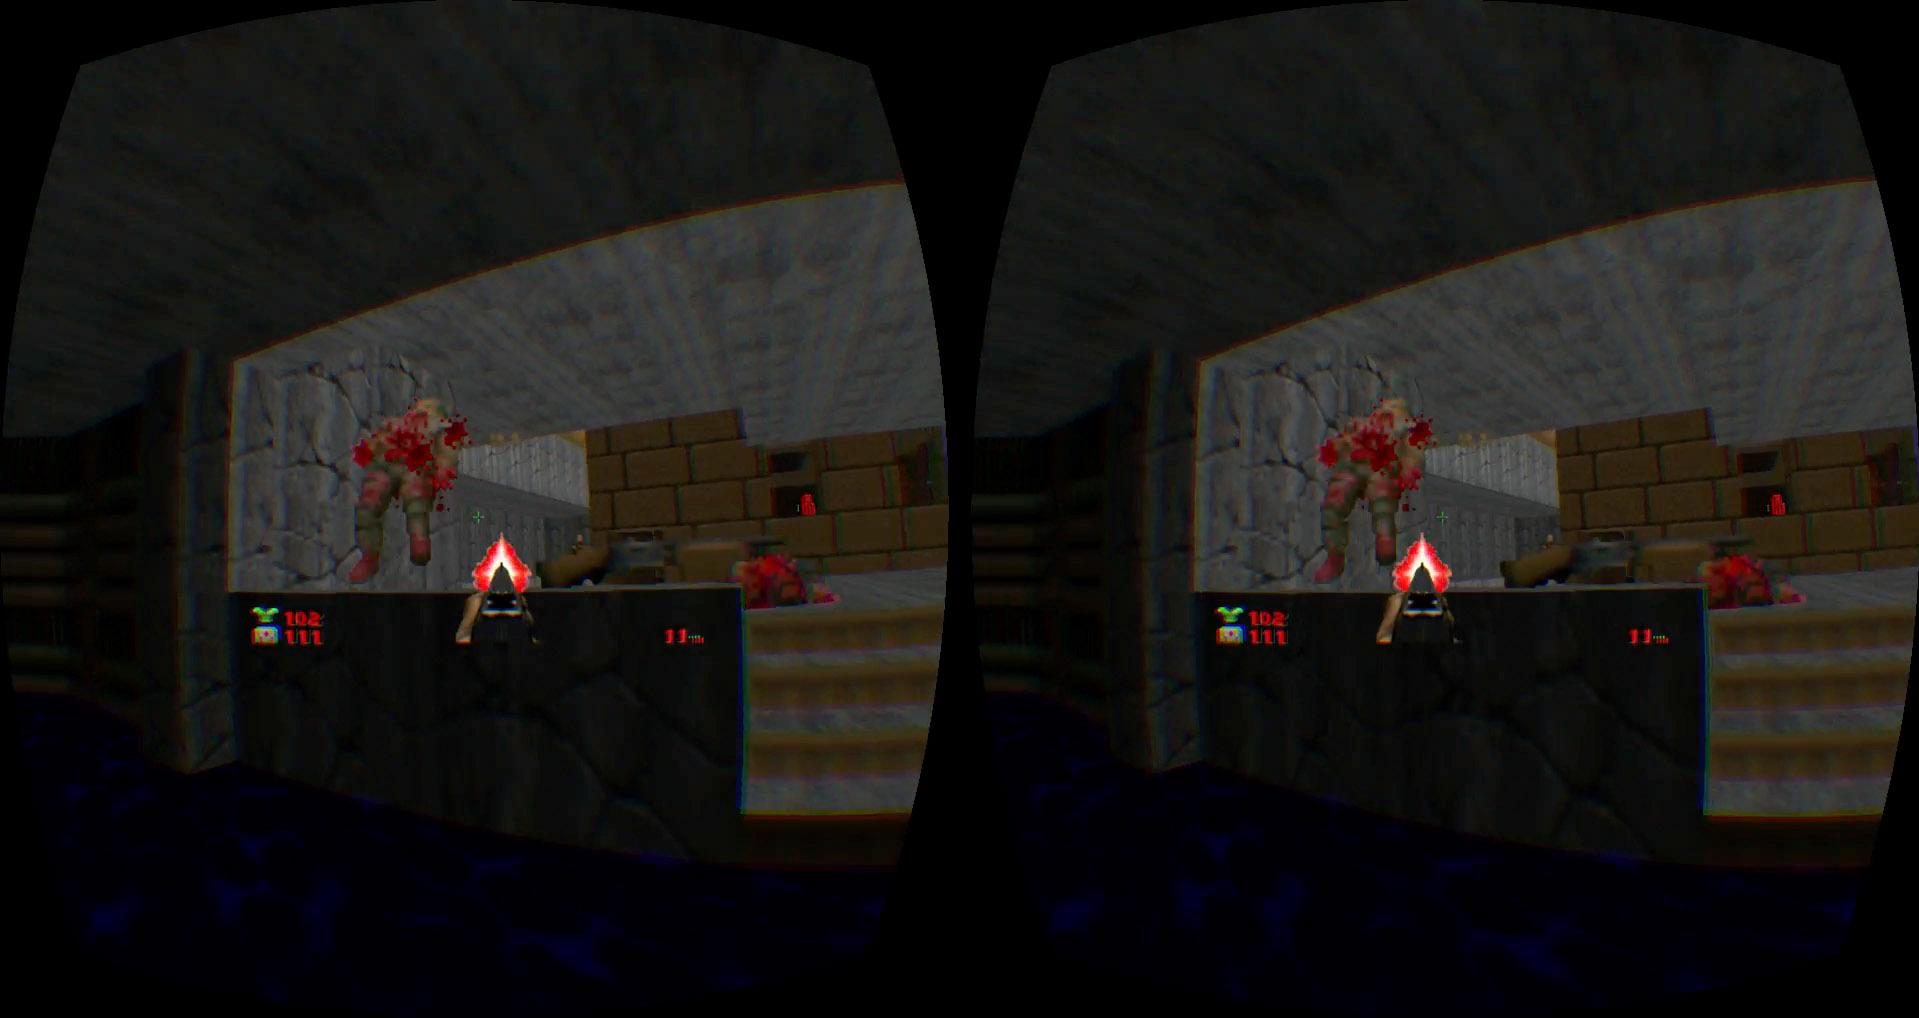 Doom 2 Oculus Rift DK2 2